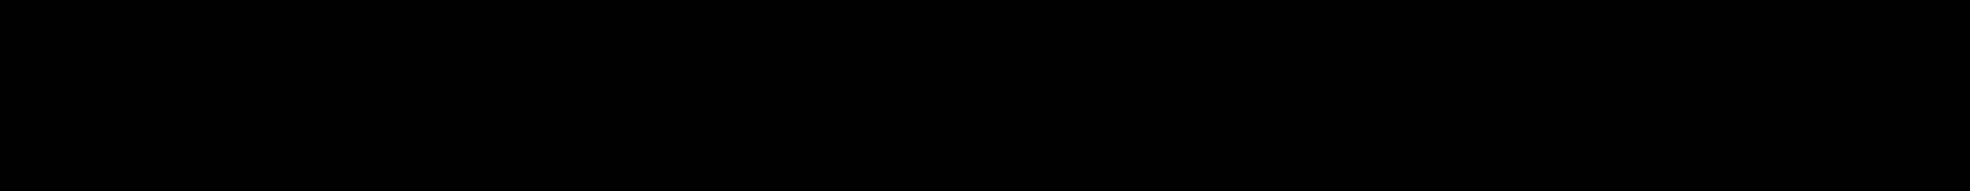 Design System A 900I